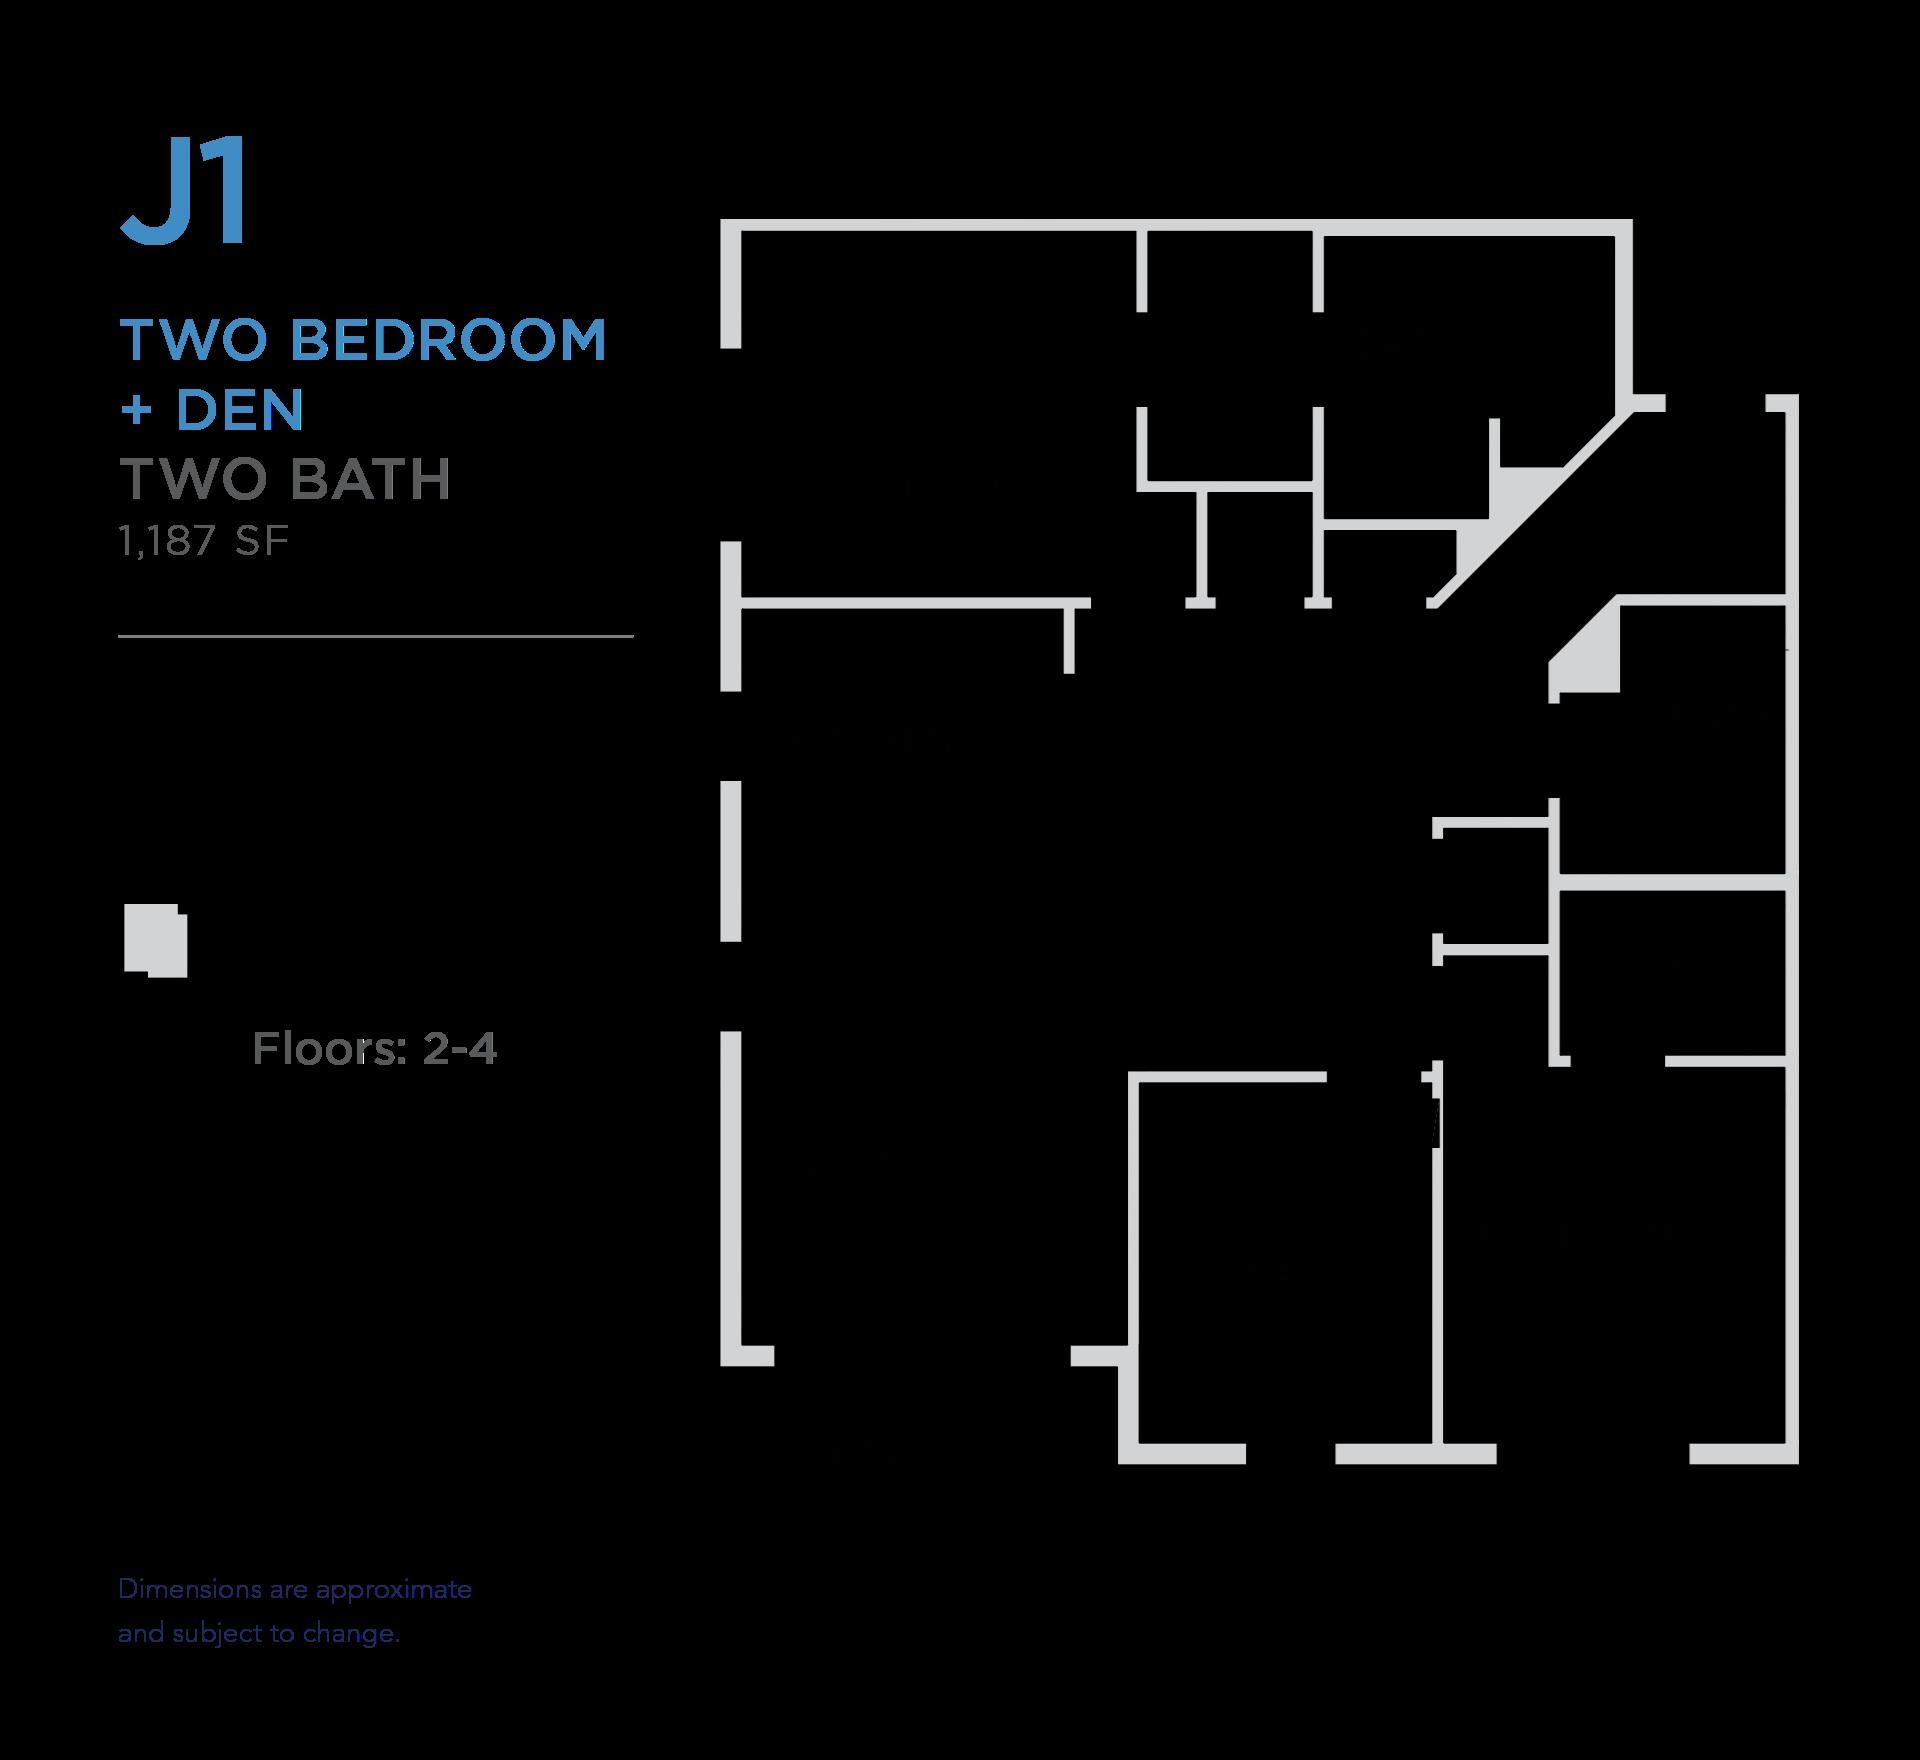 101 West 2 bed 2 bath plus den 1,187 square foot apartment floor plan